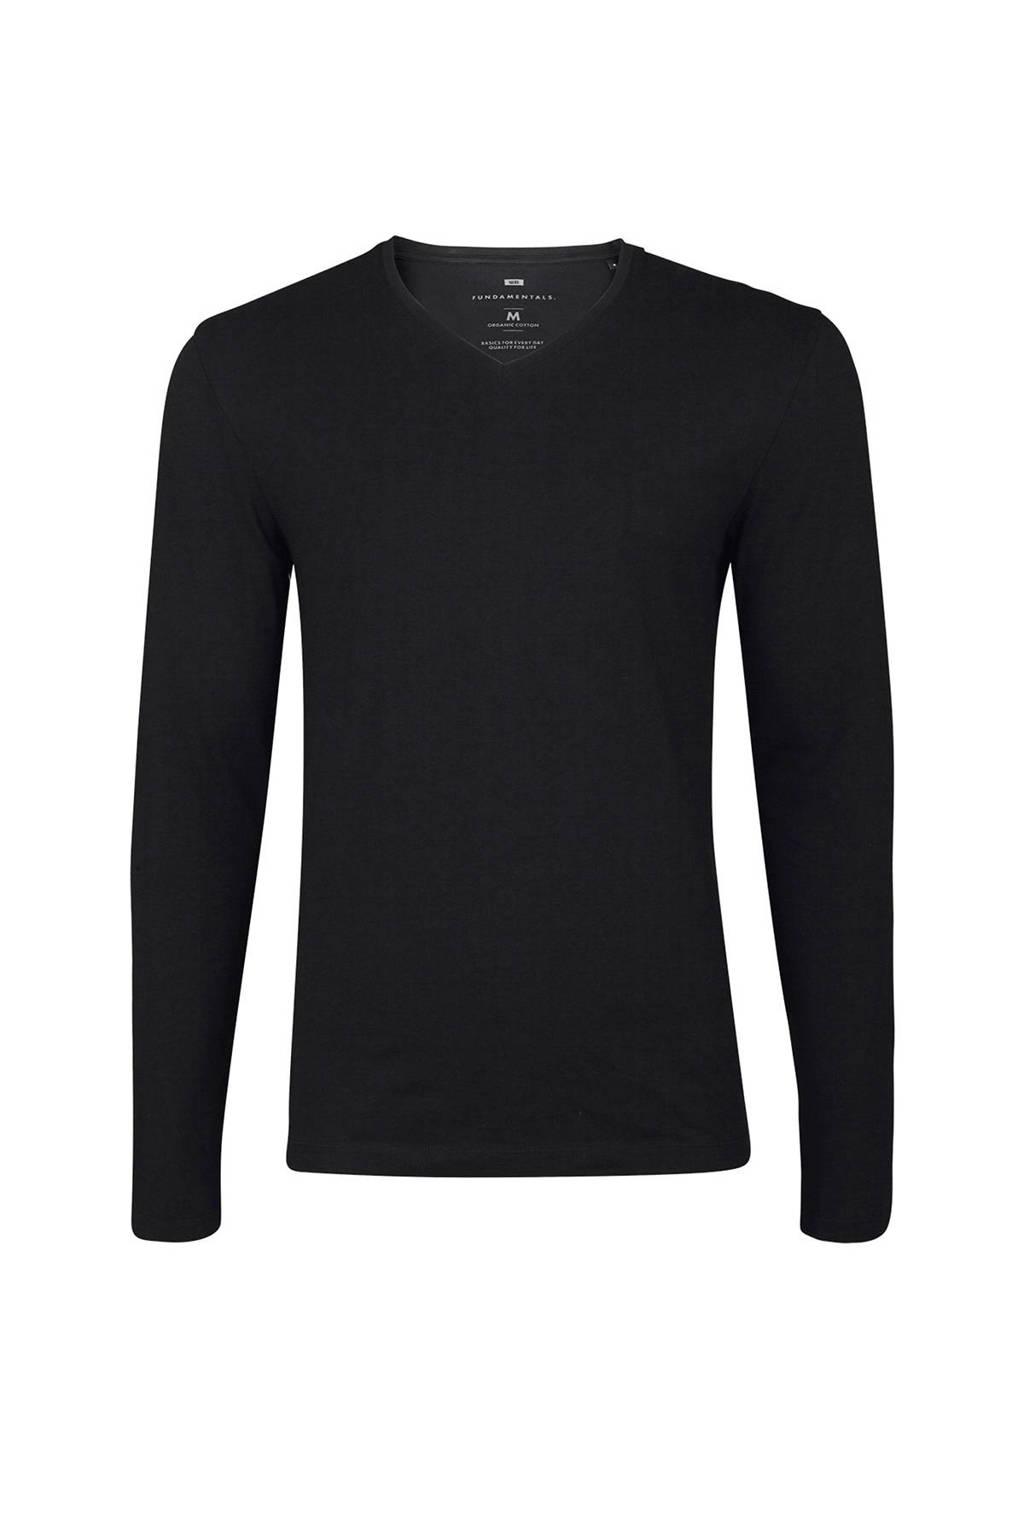 WE Fashion T-shirt, Black Uni